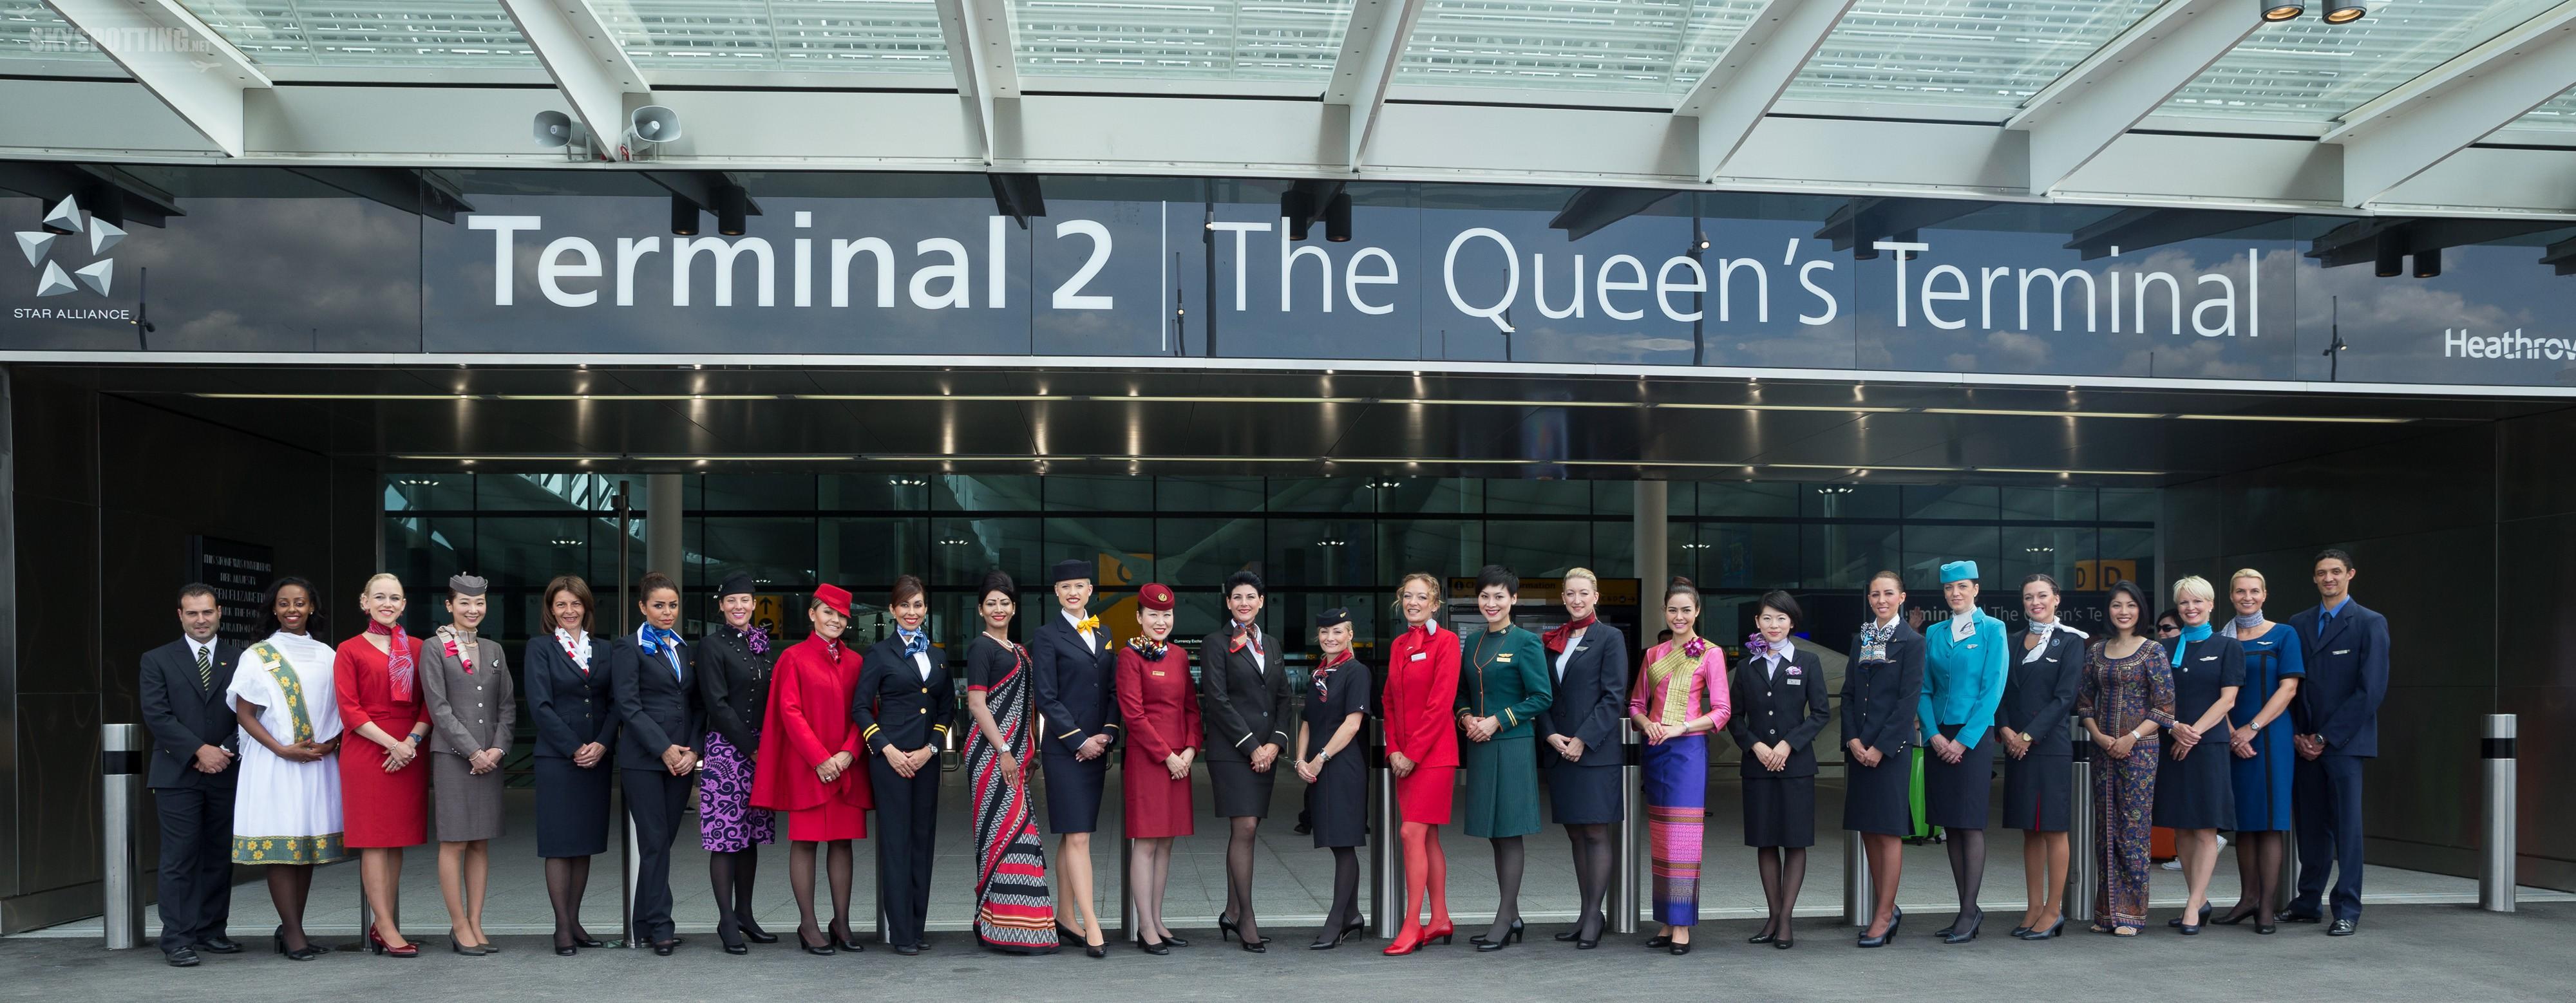 Lotnisko London-Heathrow i Star Alliance otrzymują wspólne wyróżnienie